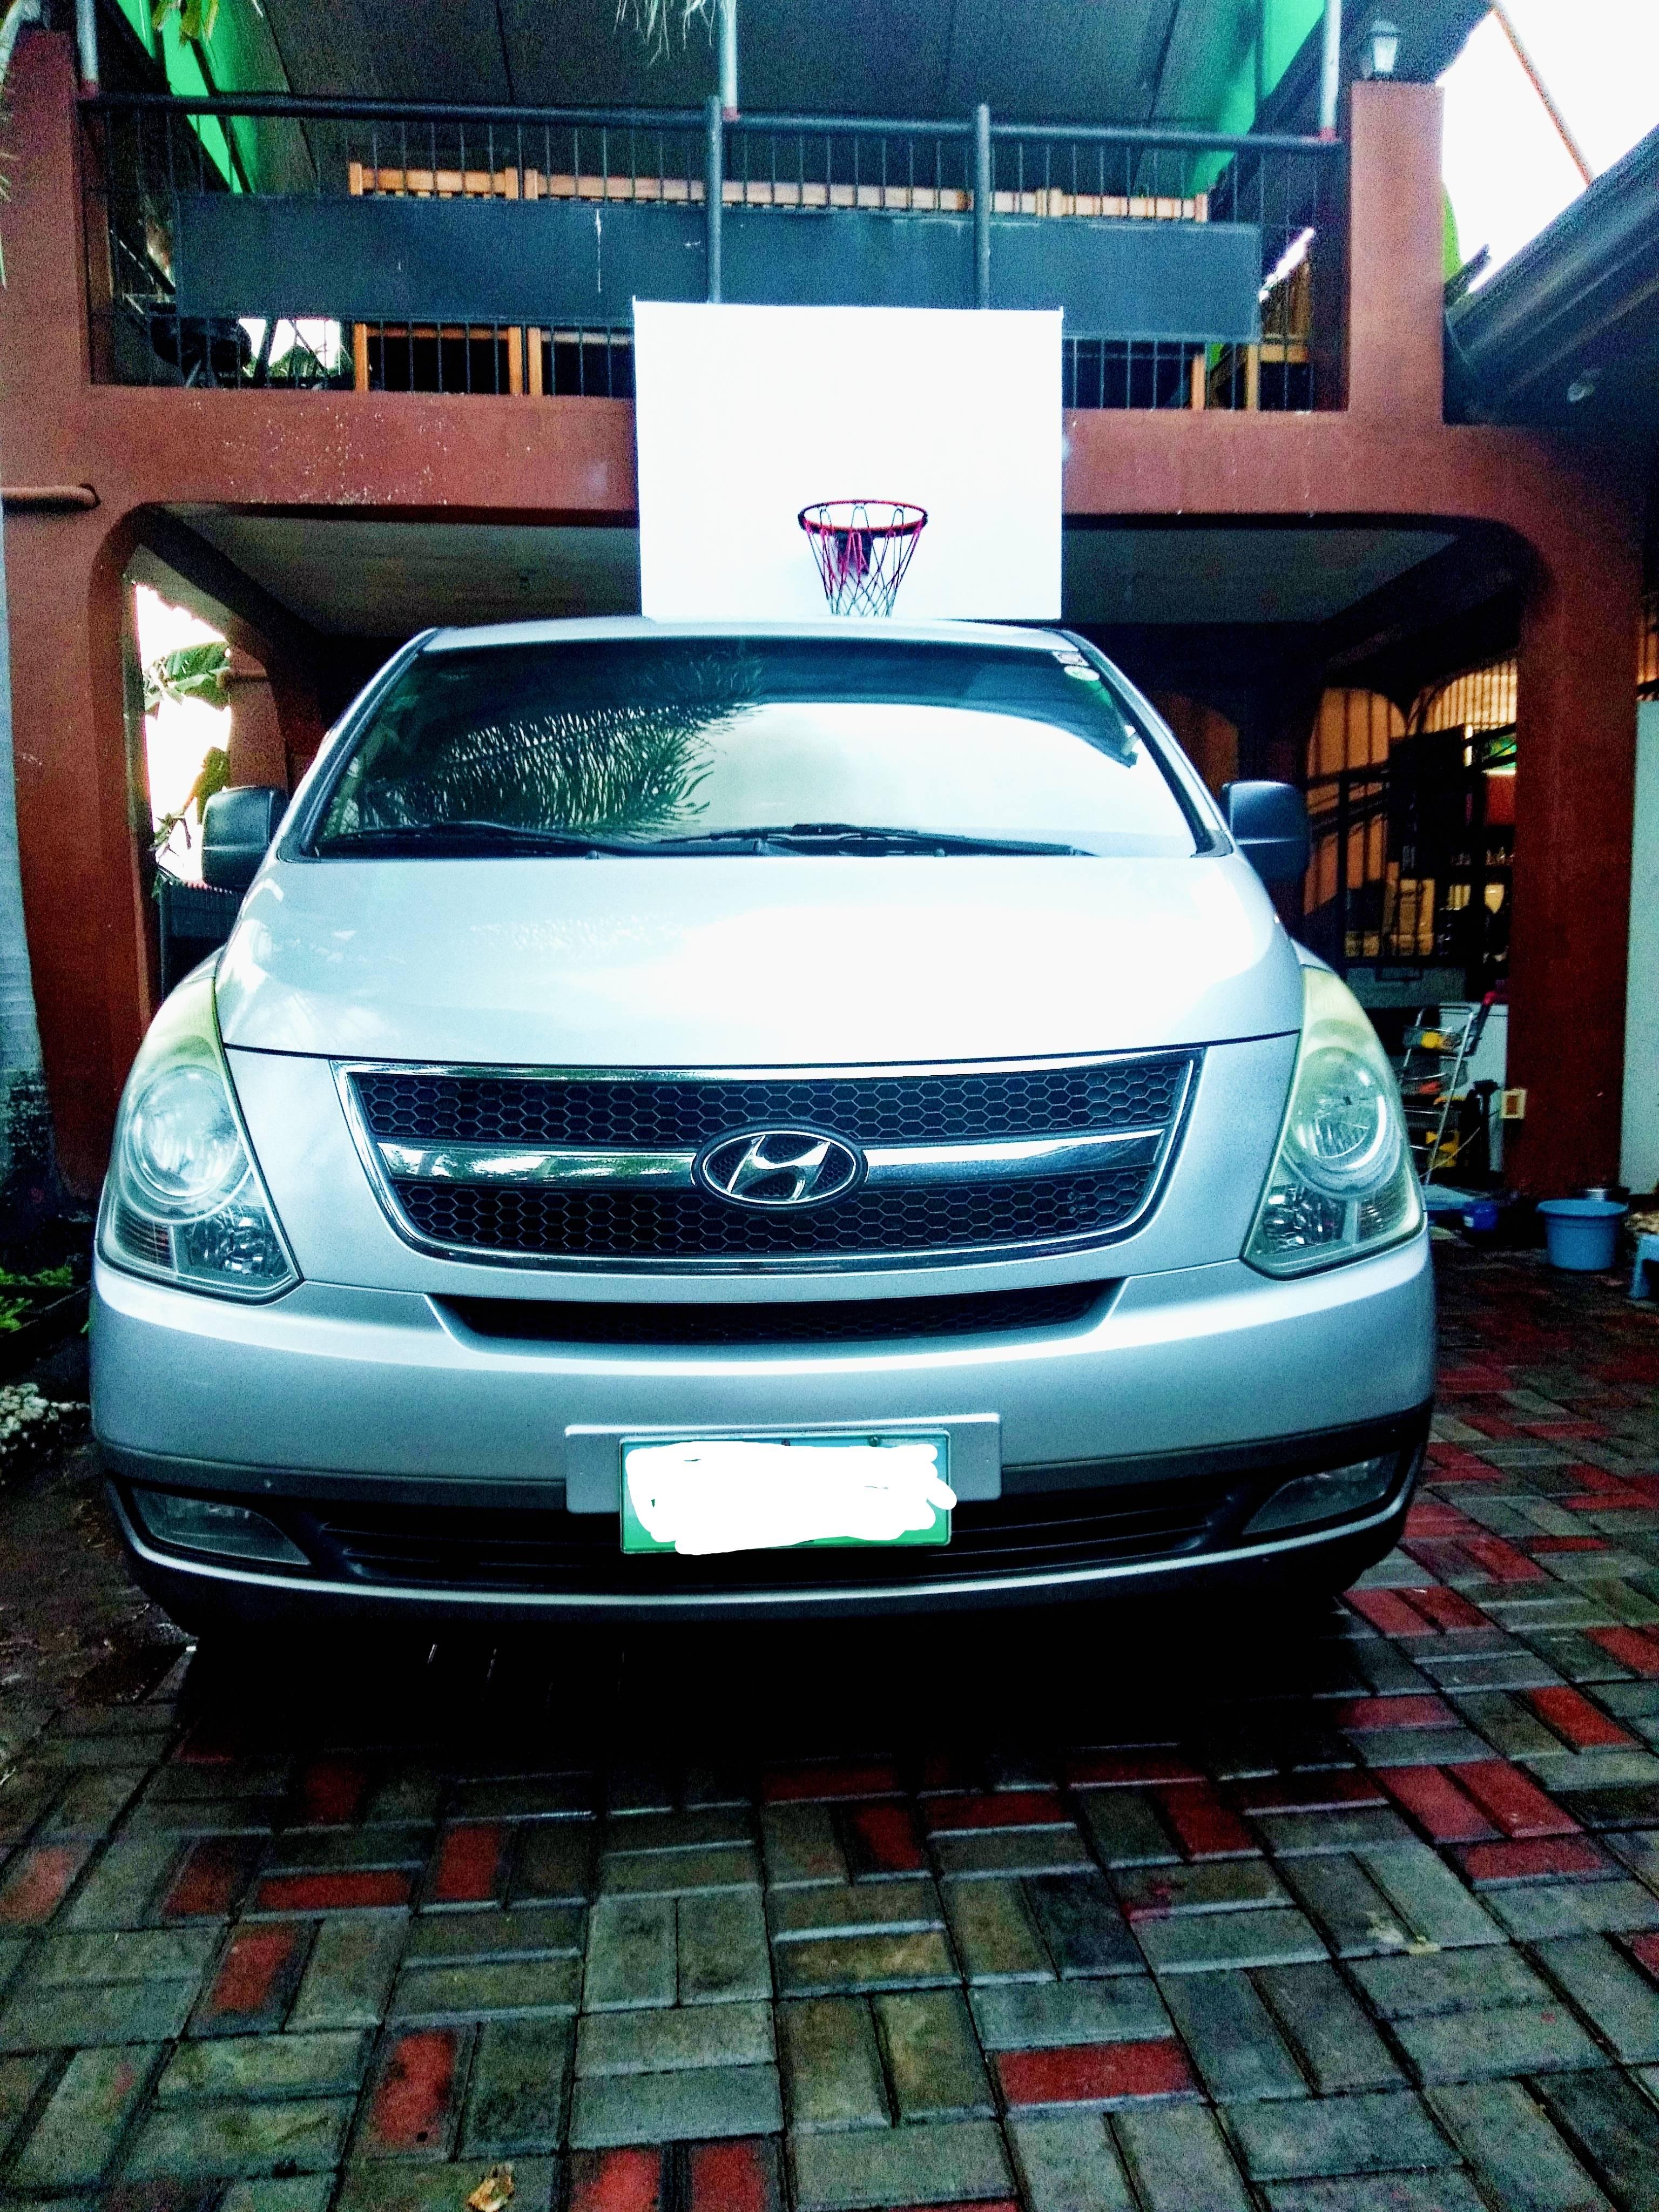 2010 Hyundai Grand Starex